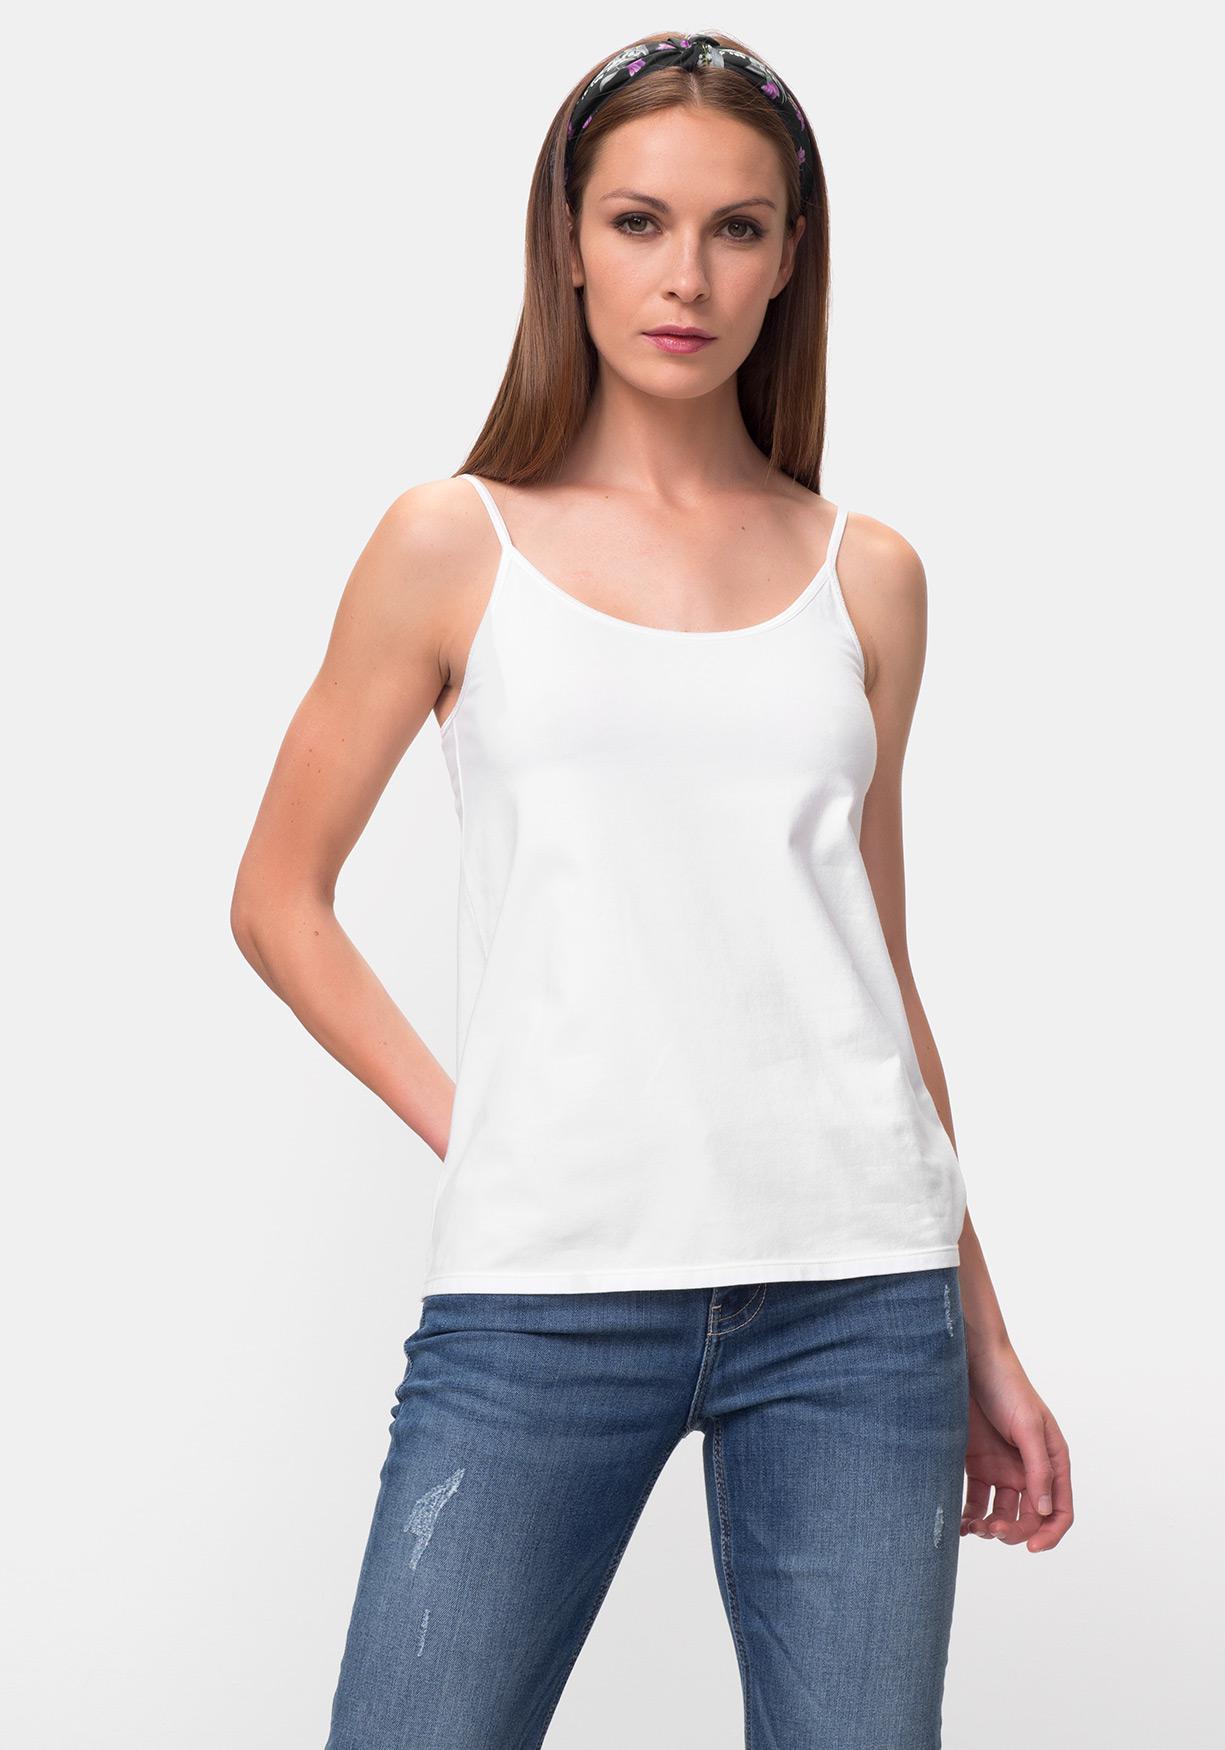 8b857eb8c Comprar Camiseta lisa de tirantes. ¡Aprovéchate de nuestros precios ...